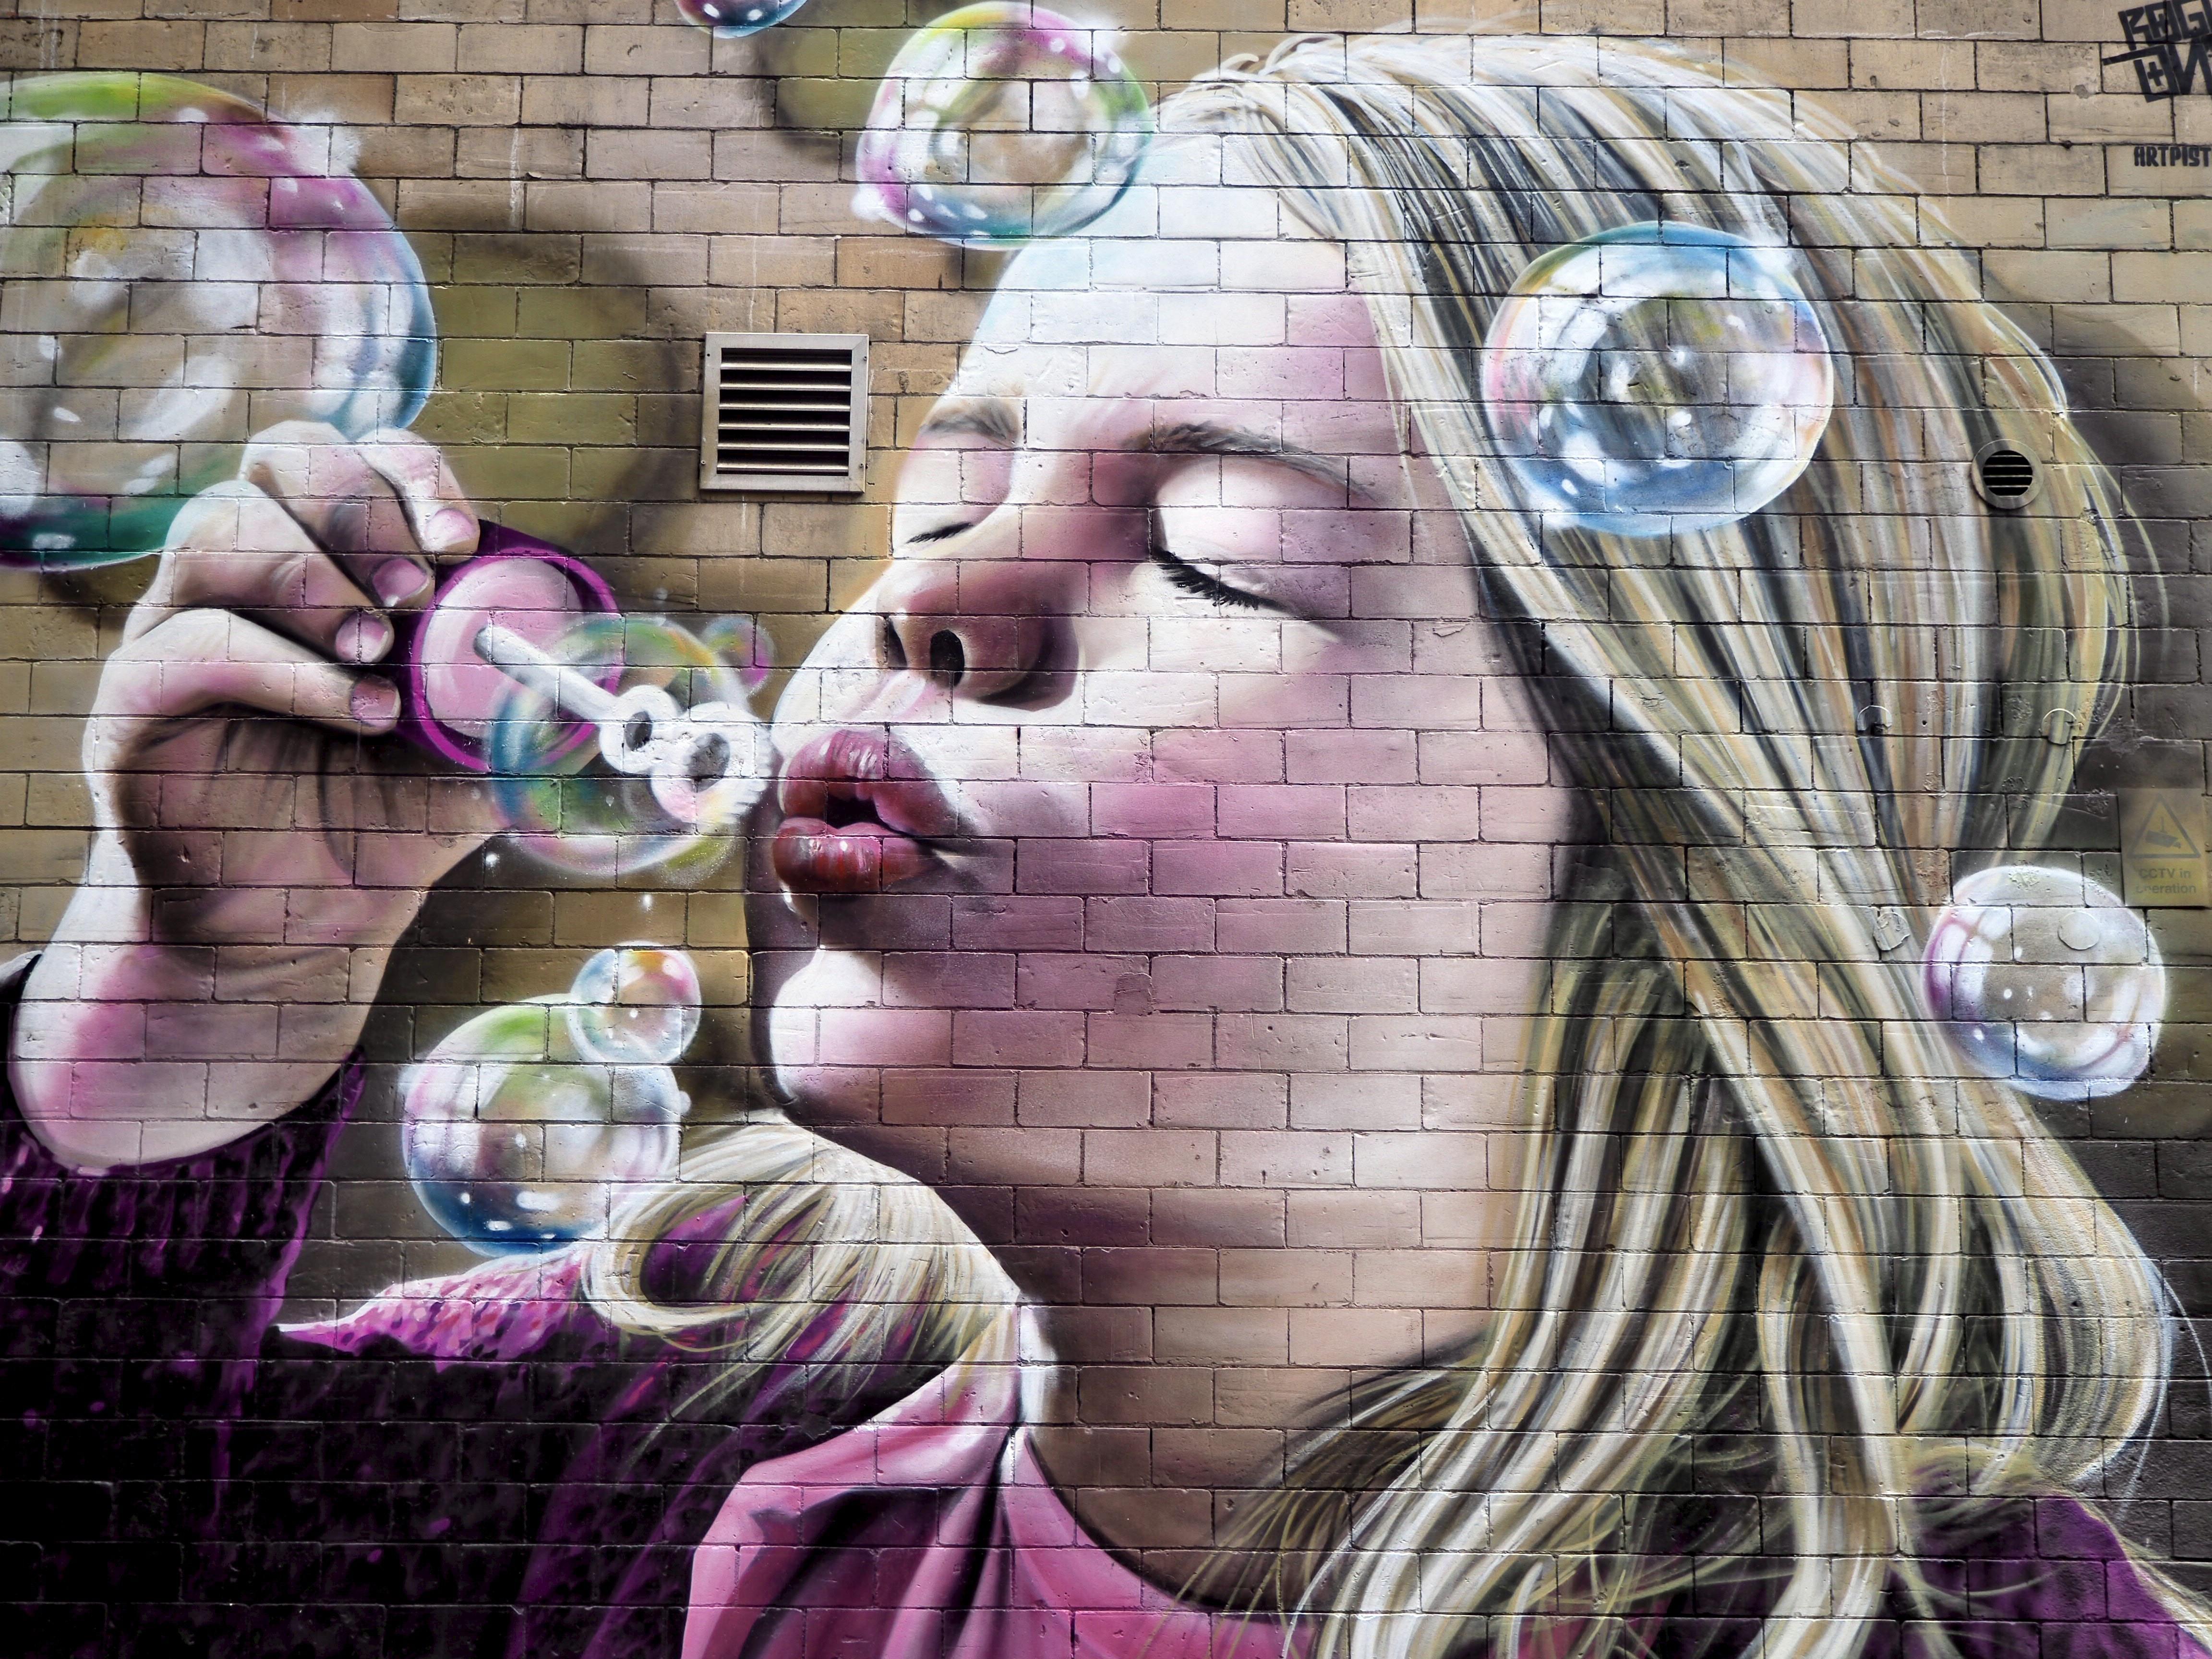 рисунок мыльные пузыри на стене сегодня клещевина натурализована